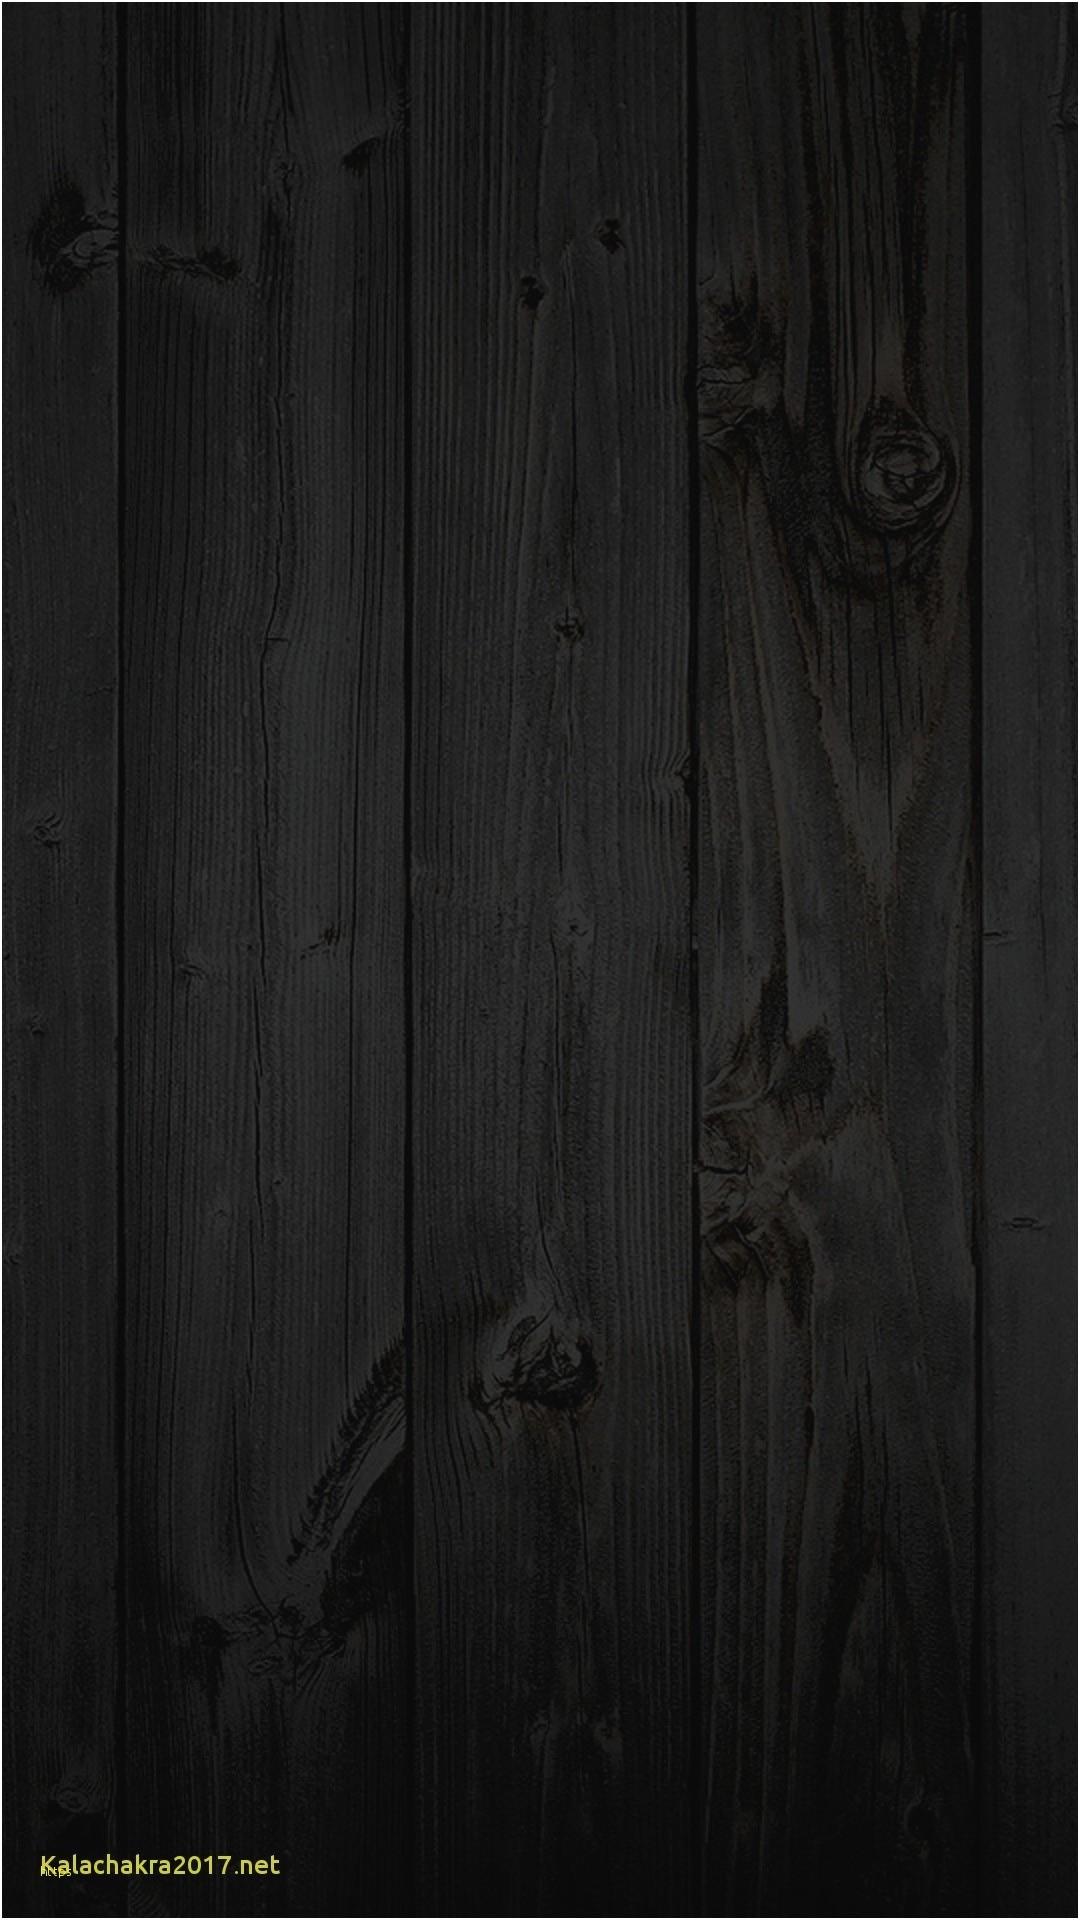 Dark Phone Wallpaper 87 images